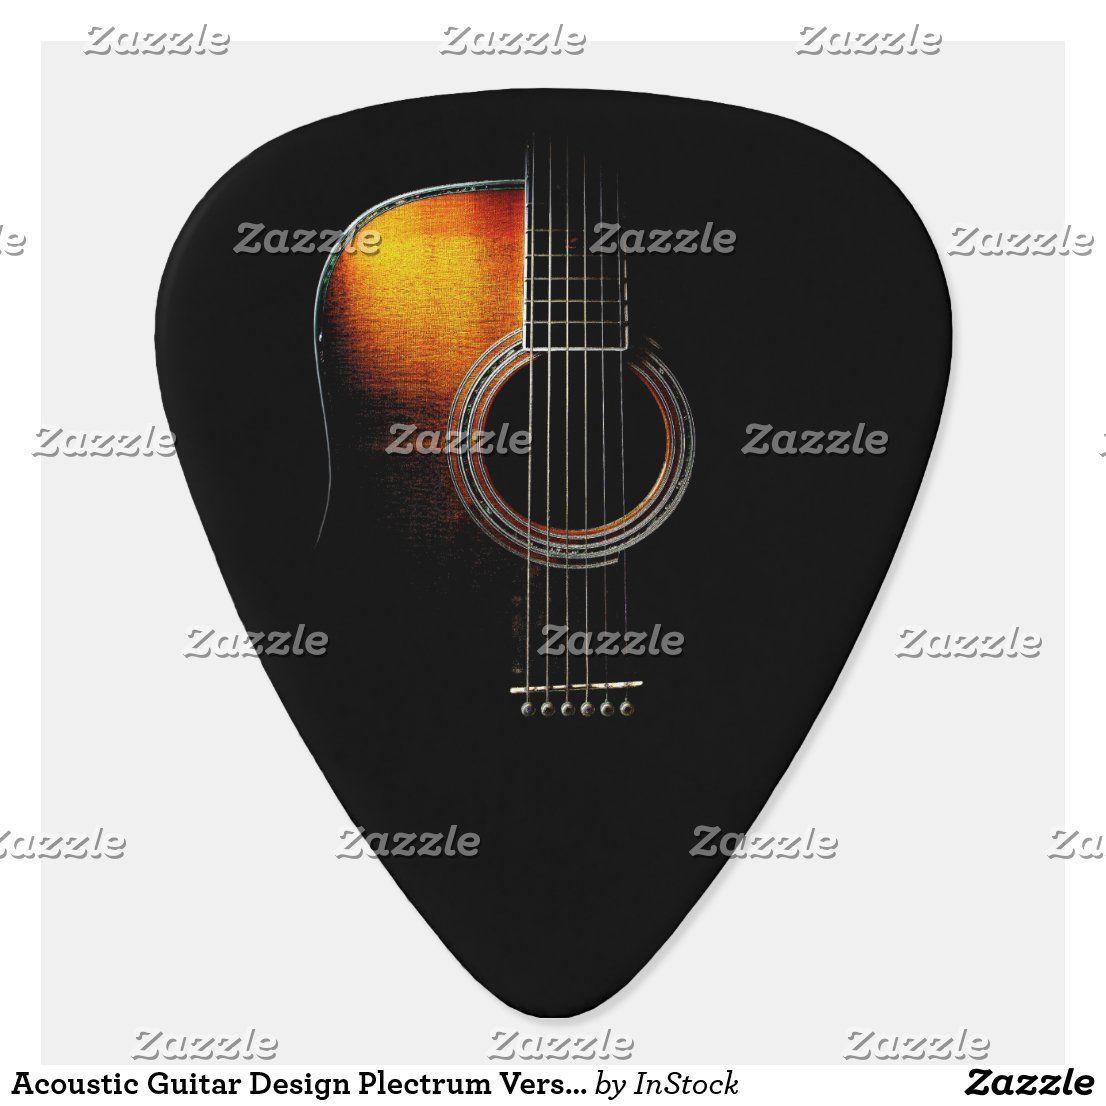 Acoustic Guitar Design Plectrum Version 4 Zazzle Com Yamaha Guitar Guitar Design Acoustic Guitar